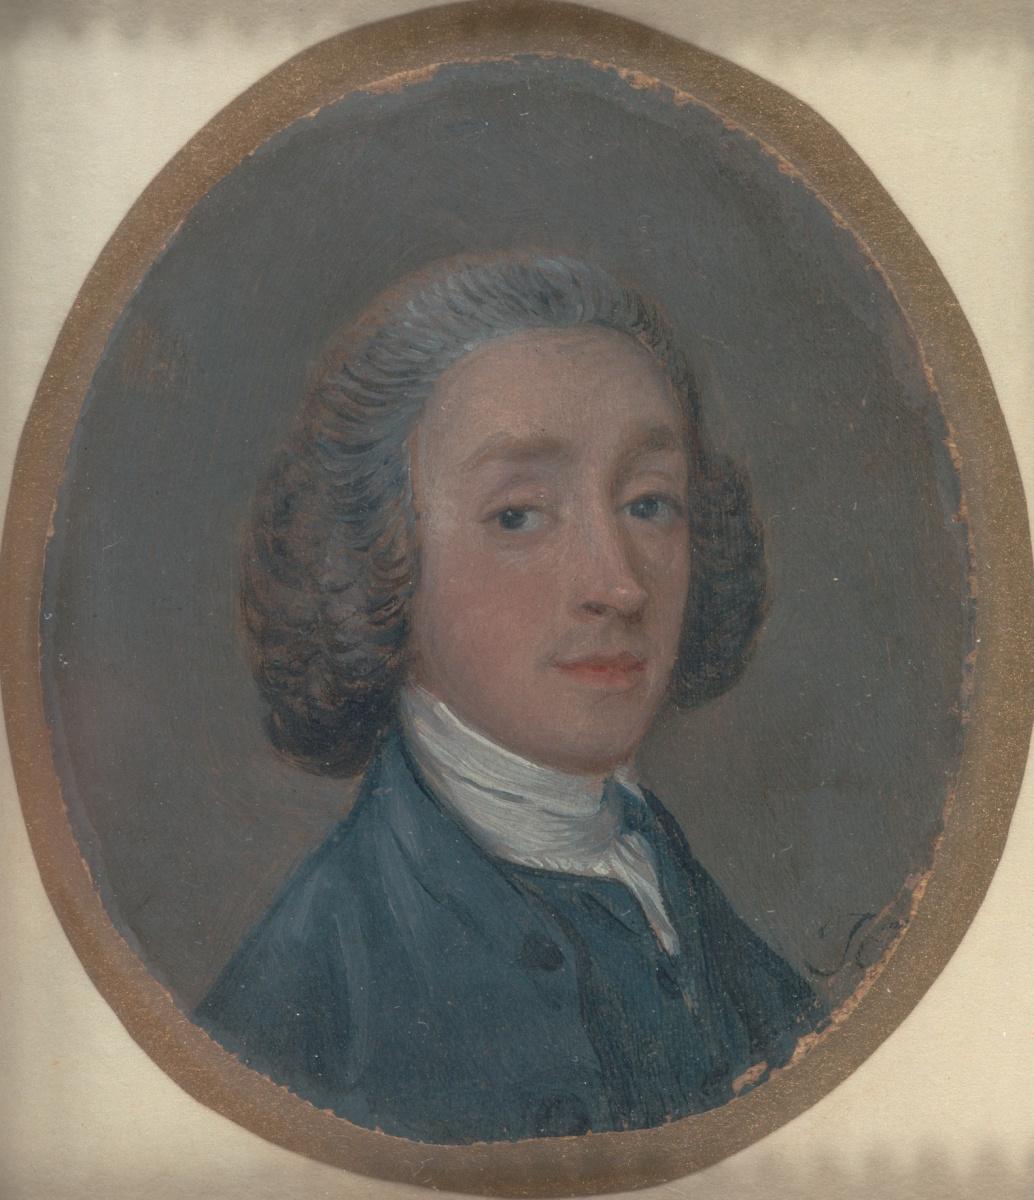 Томас Гейнсборо. Портрет молодого человека с припудренными волосами (возможно автопортрет)